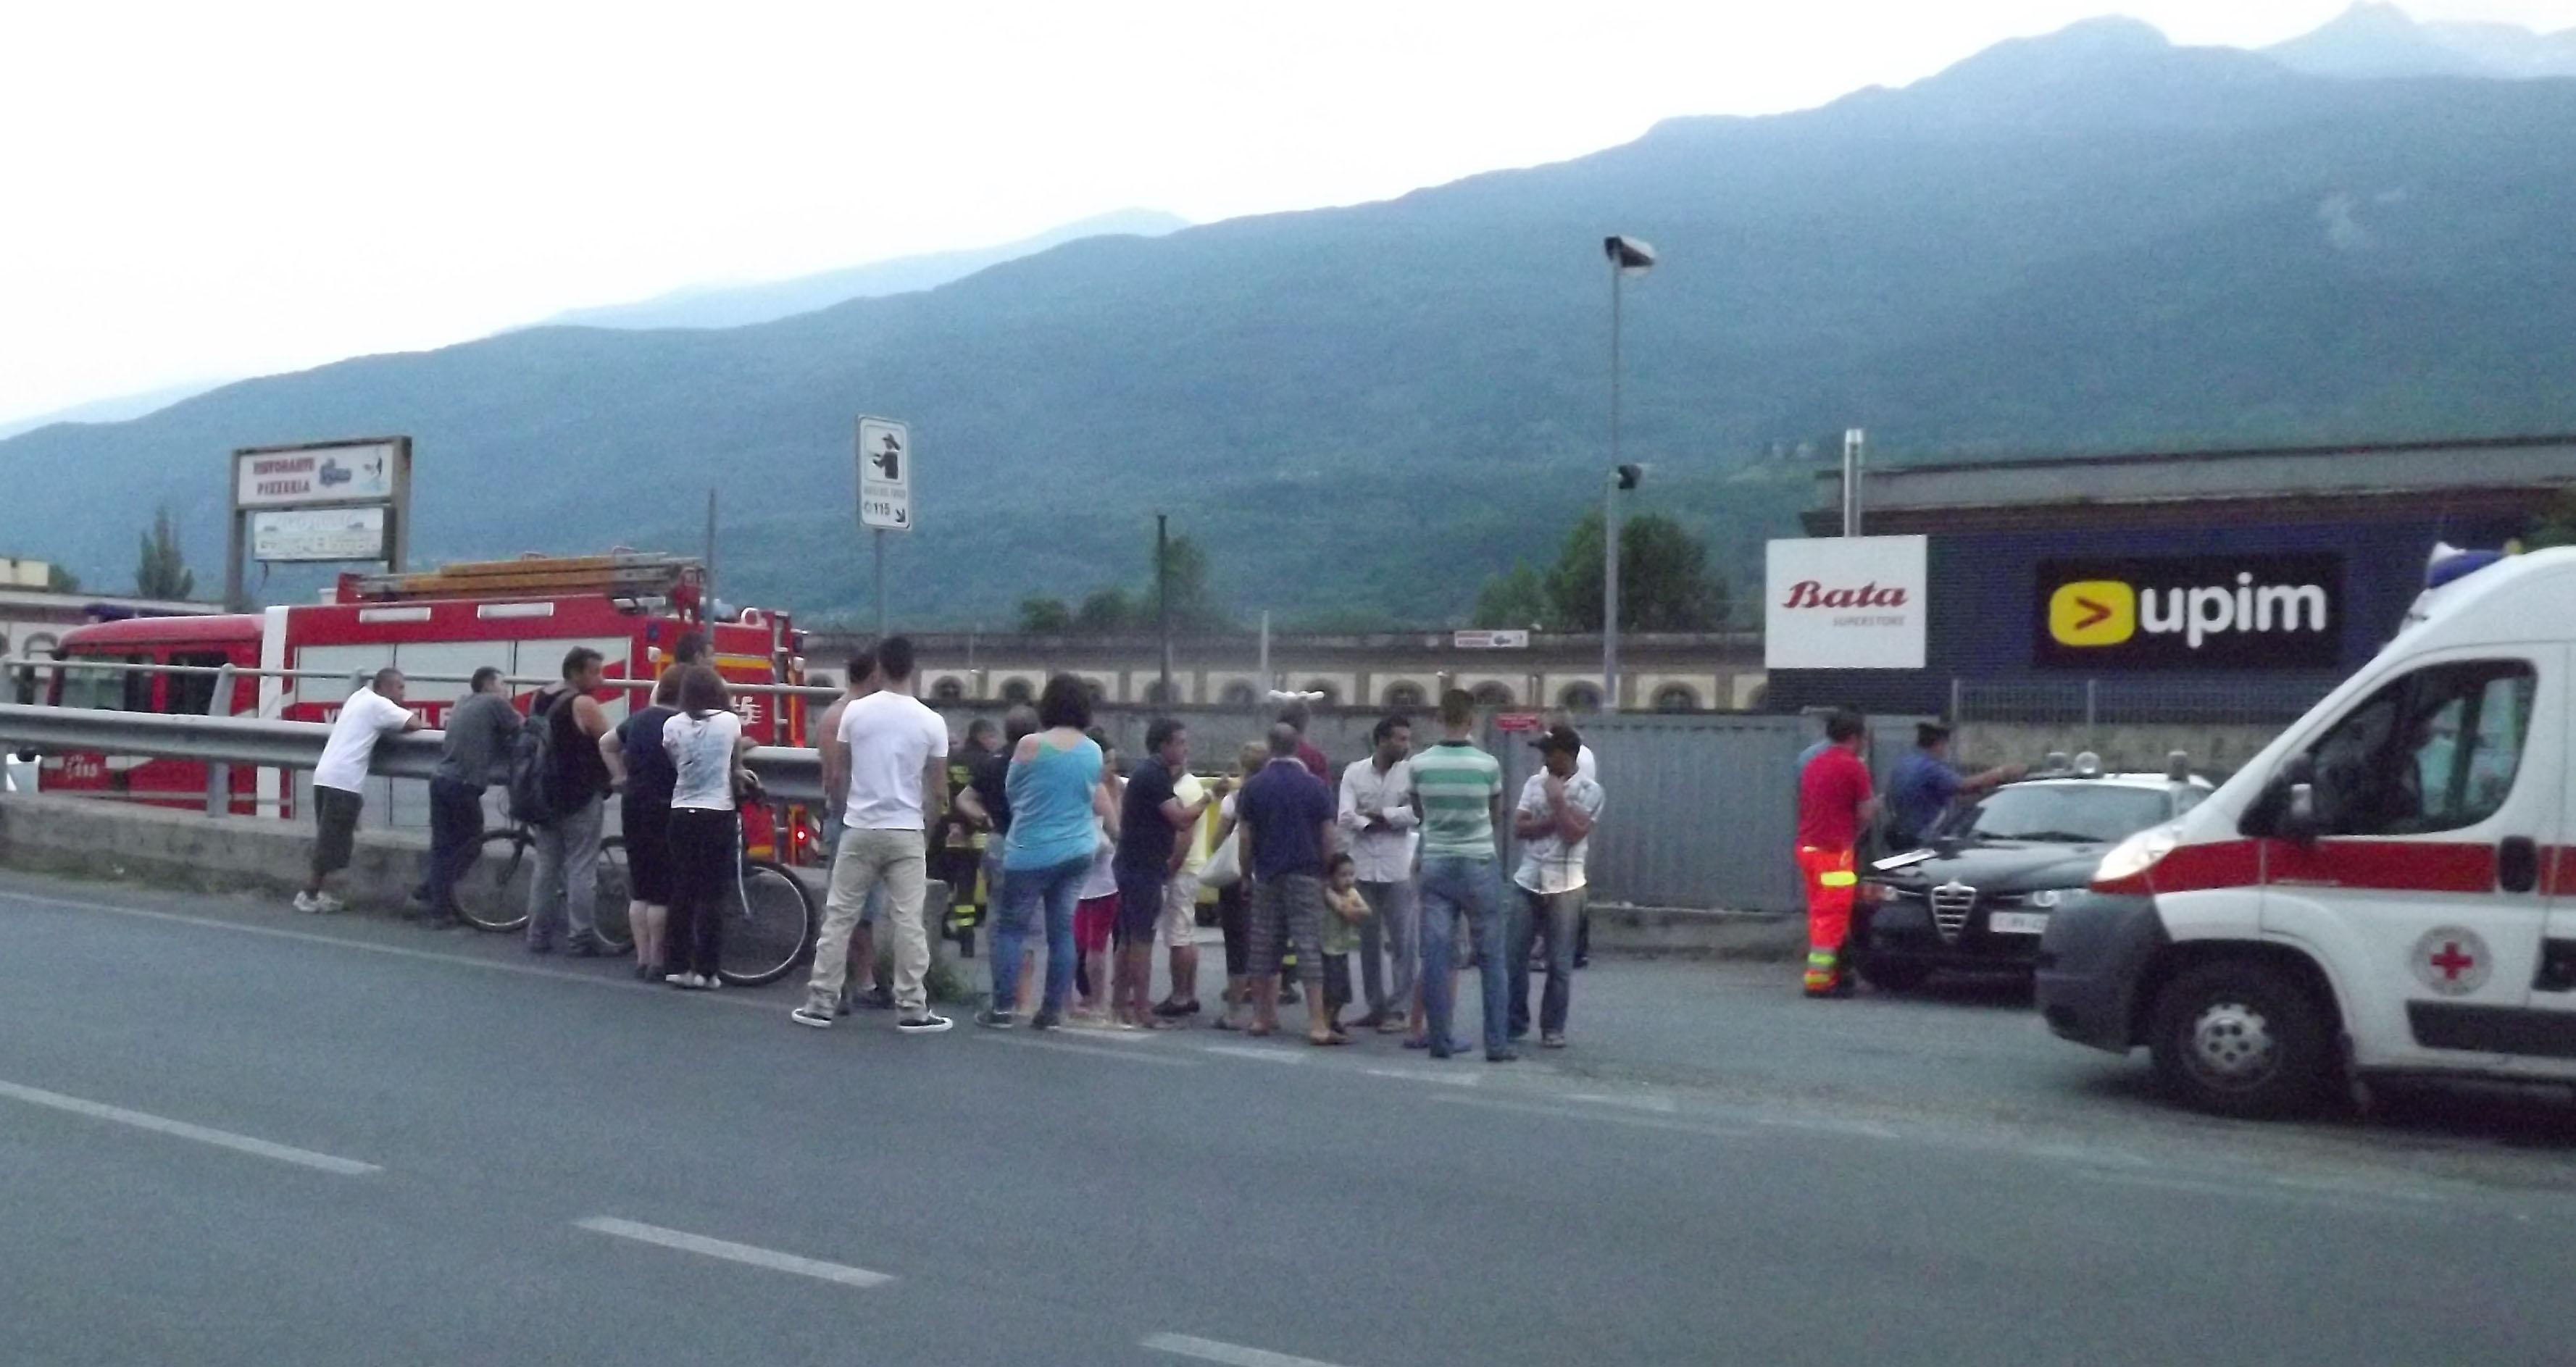 Tragedia mercoledì sera a Chianocco, una bimba marocchina di 10 anni affoga nel canale